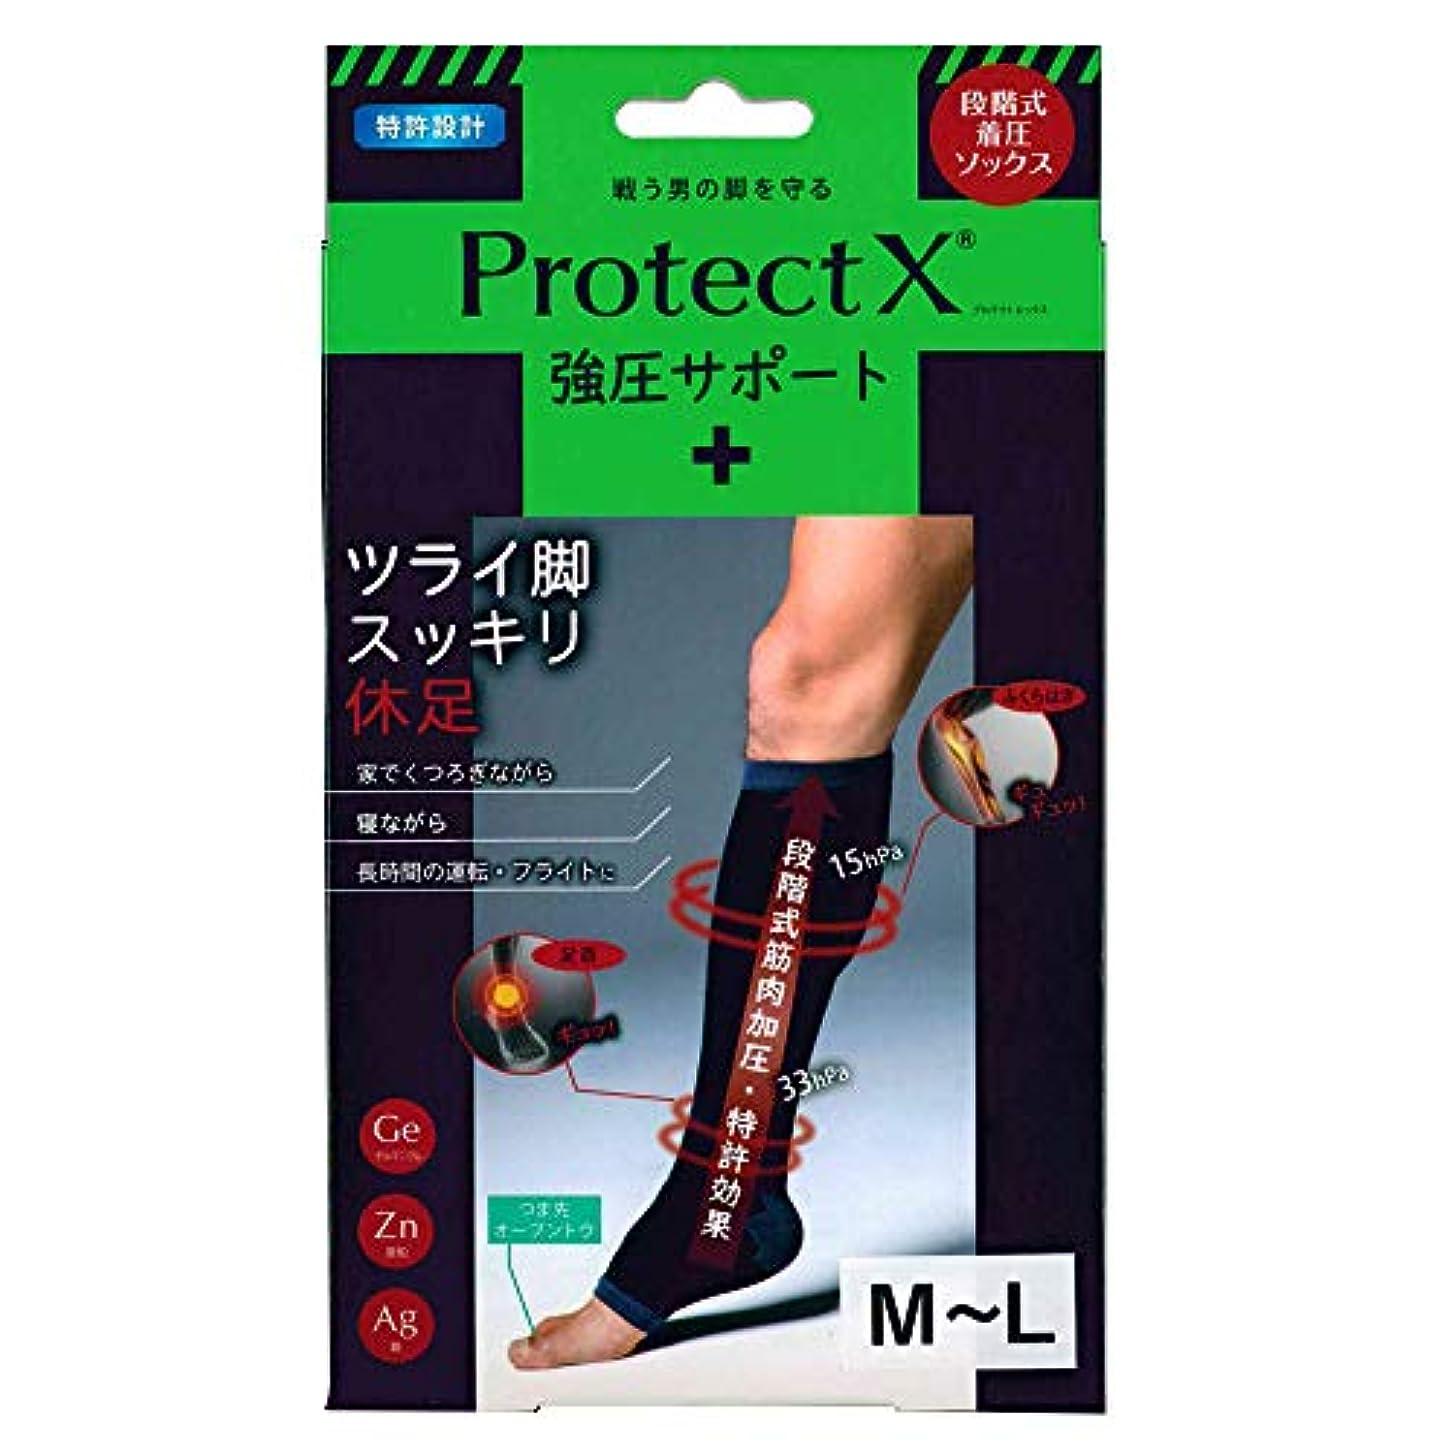 サンダル修道院テザーProtect X(プロテクトエックス) 強圧サポート オープントゥ着圧ソックス 膝下 (膝下M-L)